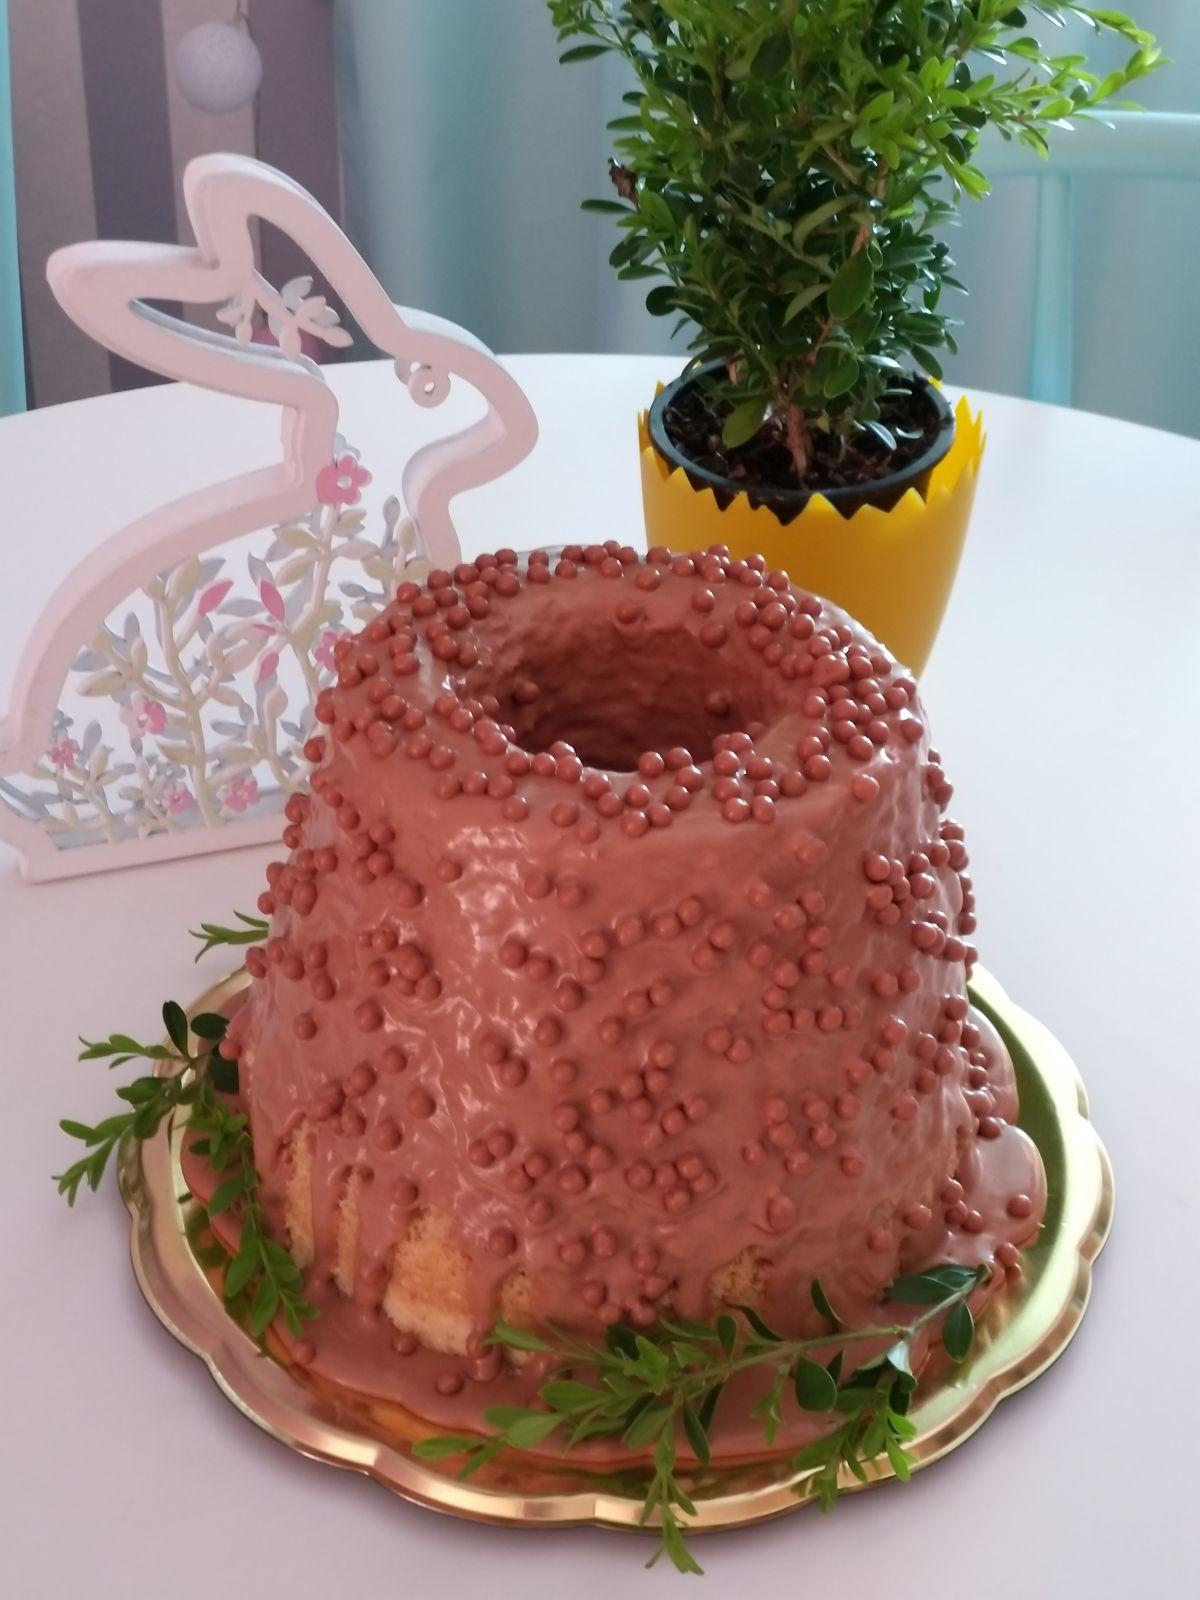 Z przepiśnika słodkiej pasji - Wielkanocna babka gotowana